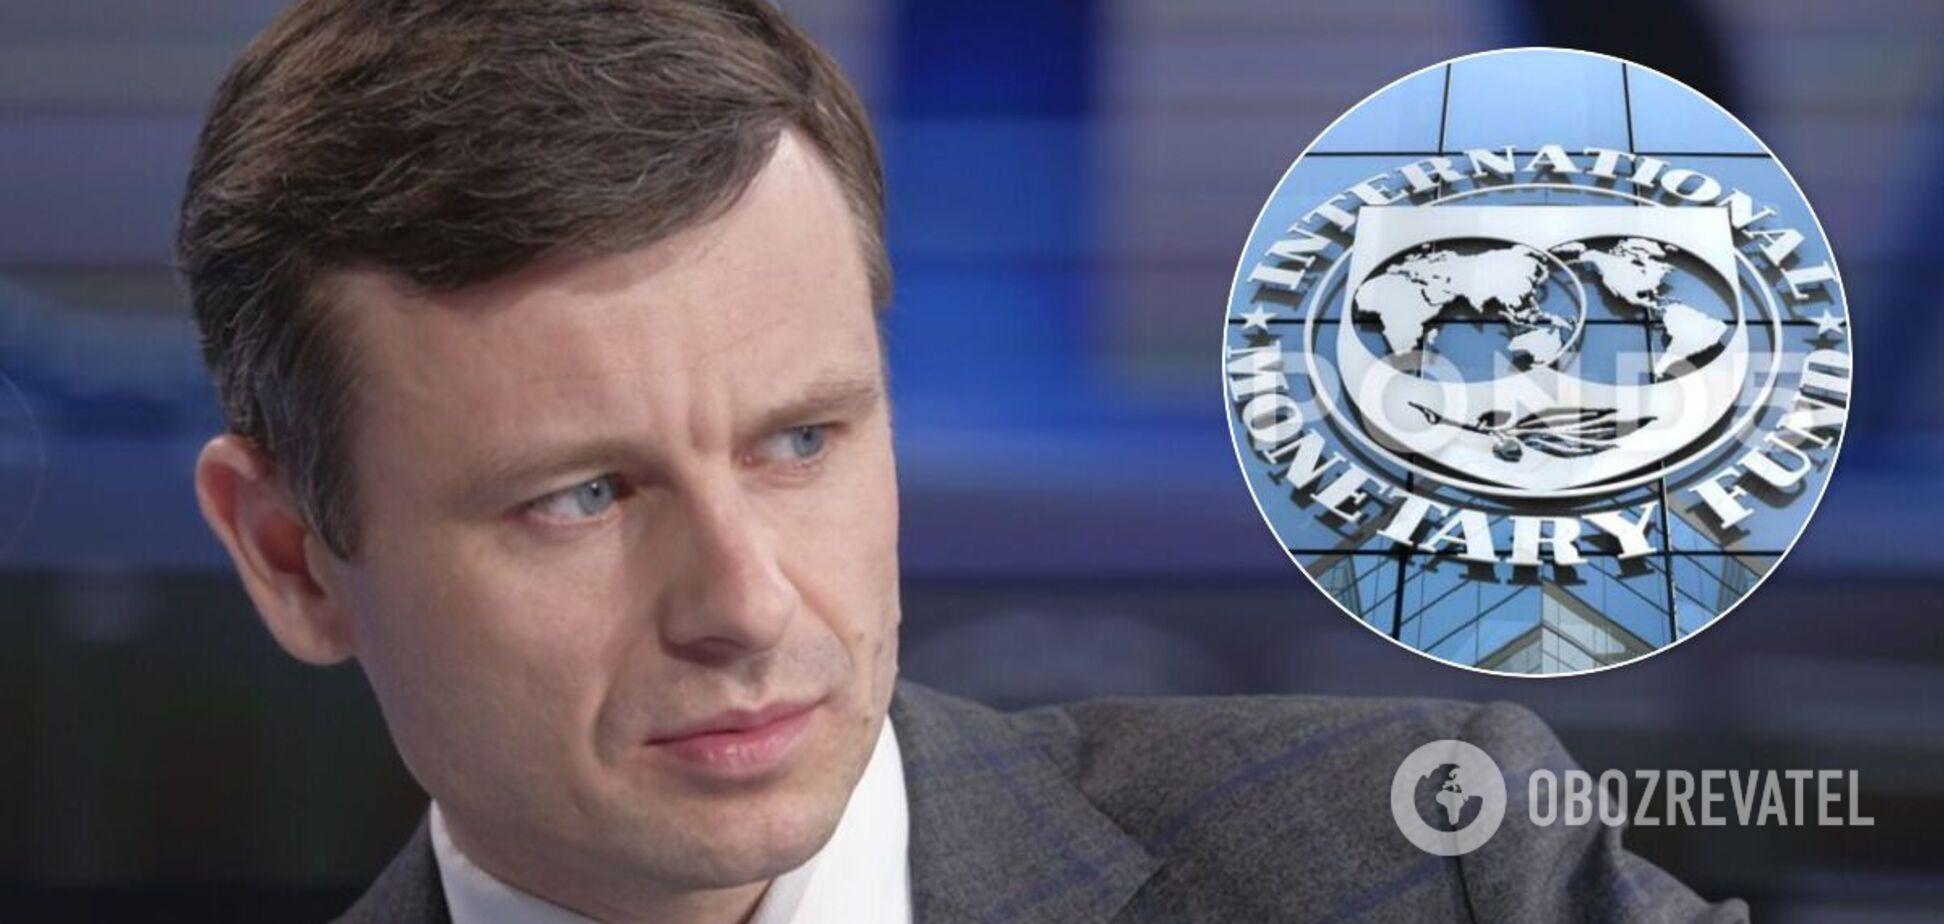 МВФ припинить пряме фінансування бюджету України: Марченко назвав терміни